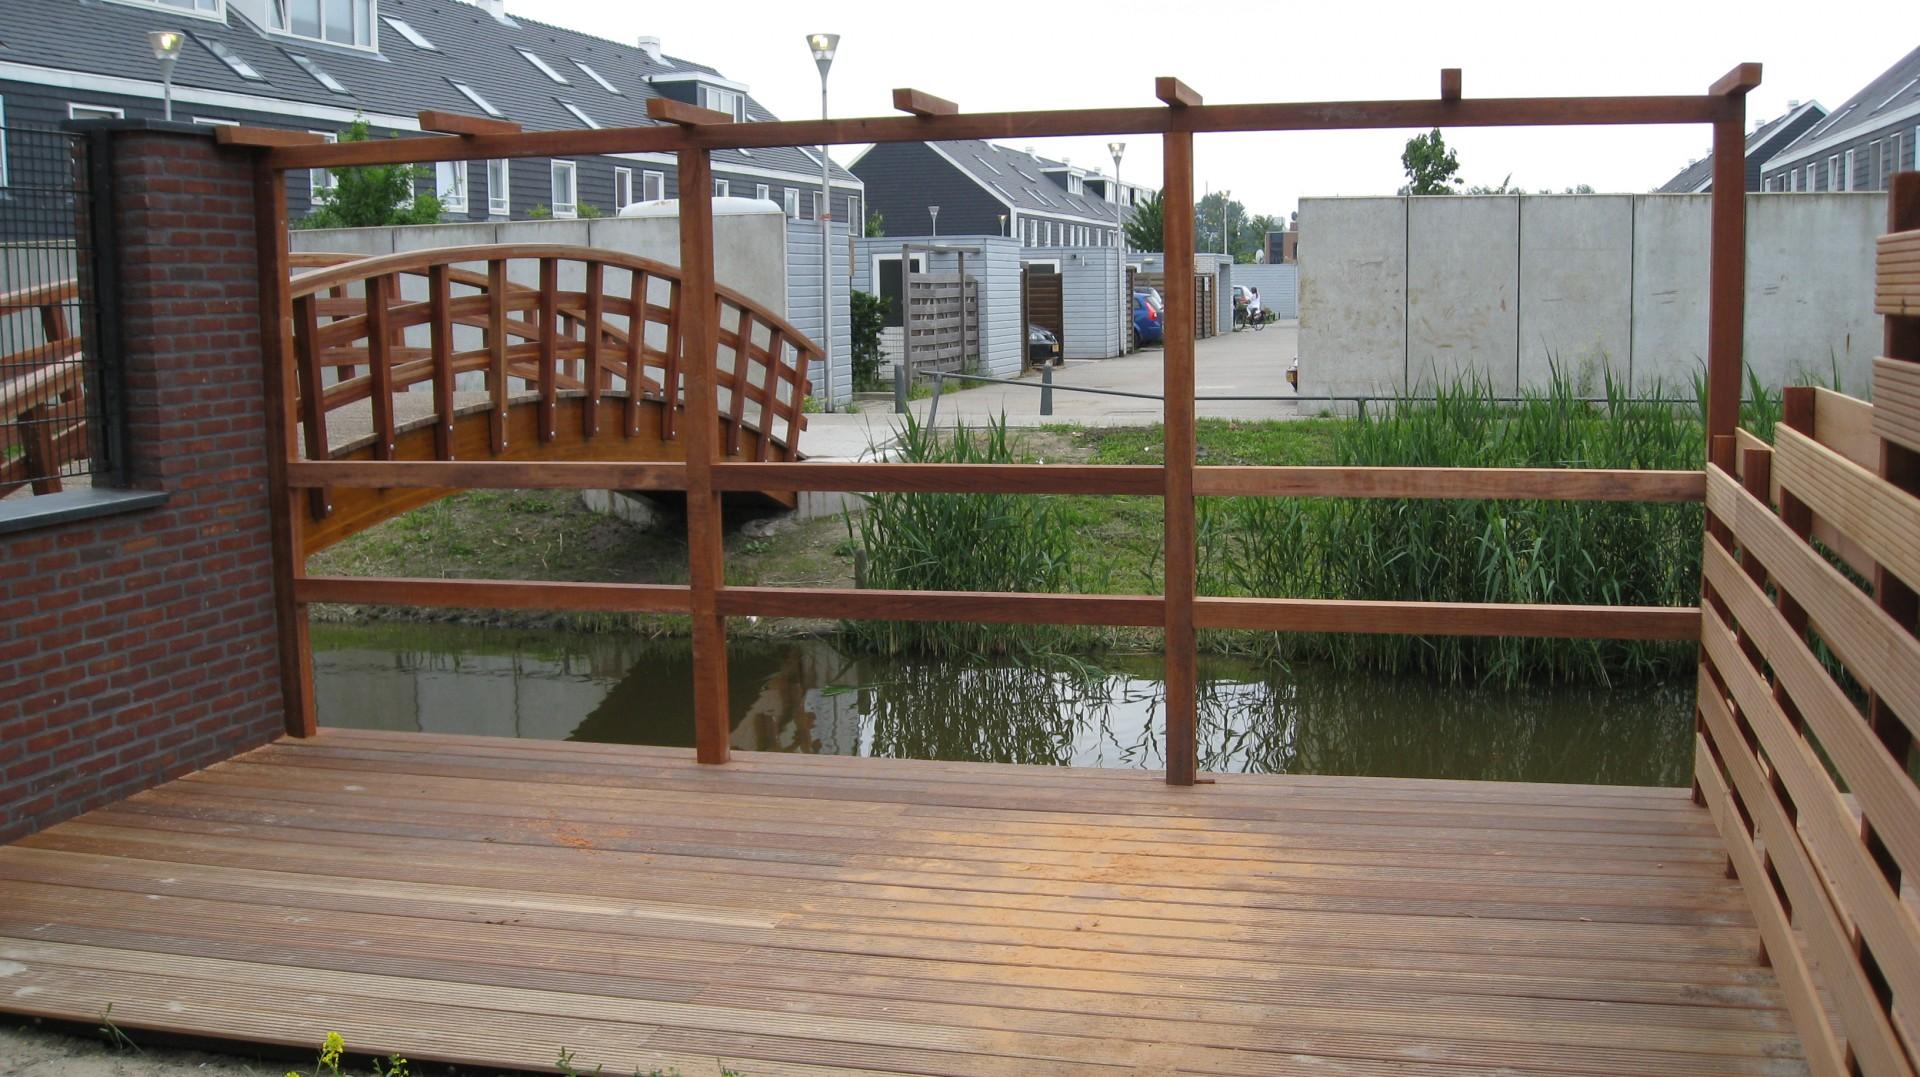 Vlonder laten plaatsen timmerman en klusbedrijf mp timmerwerken - Terras met houten pergolas ...